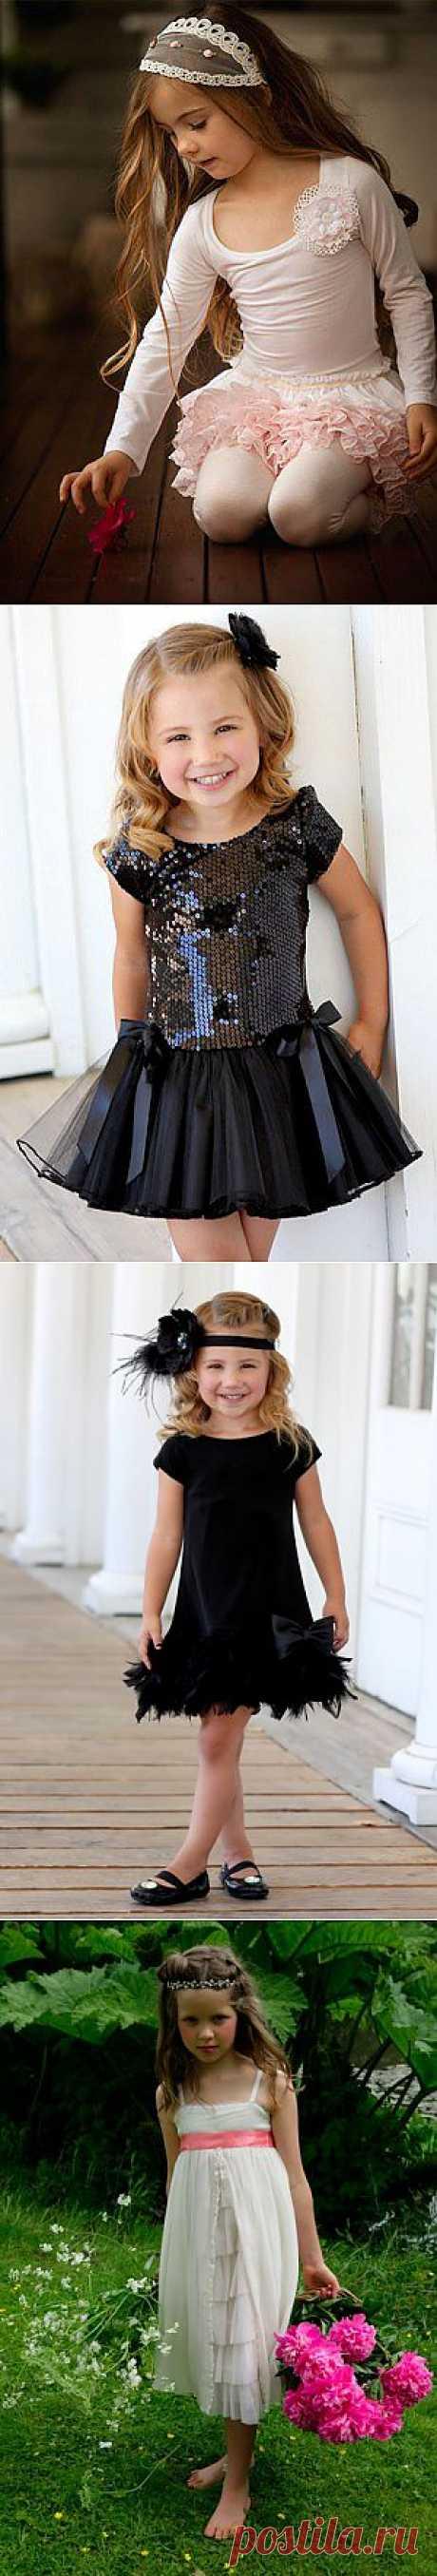 шьем нашим маленьким принцессам!.